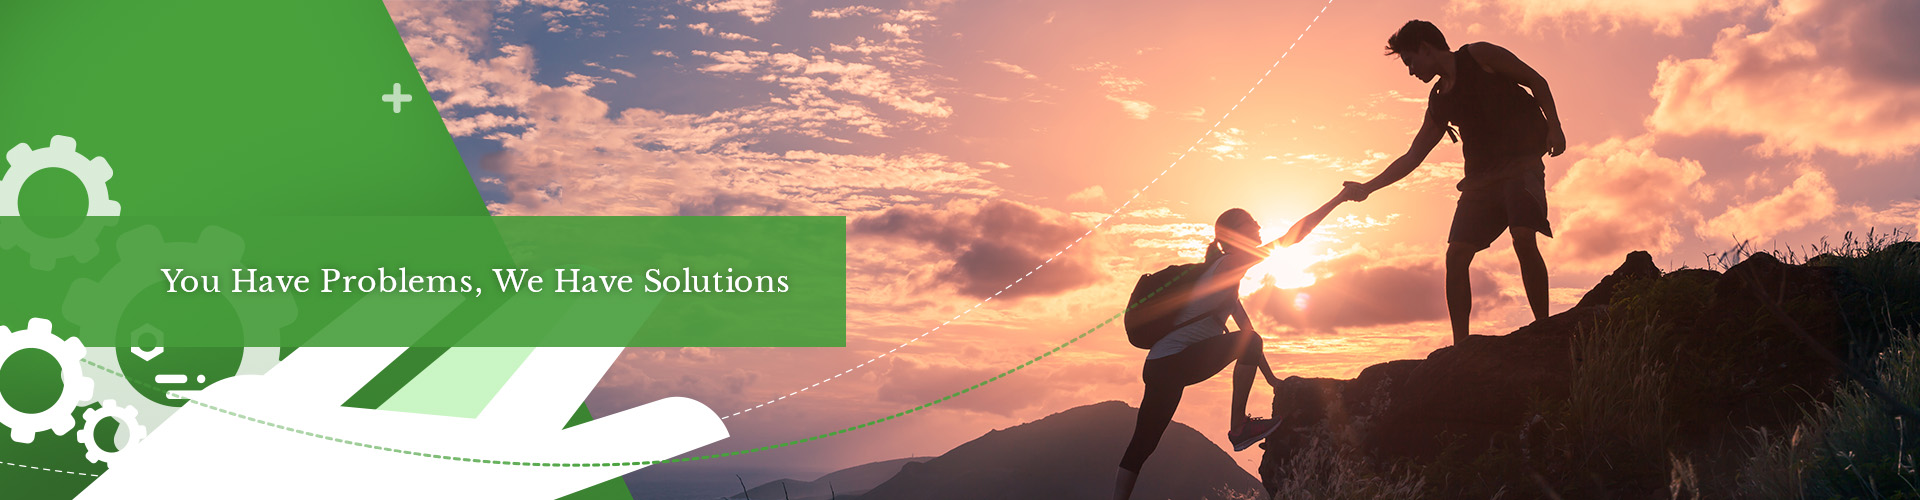 Consultation Slide